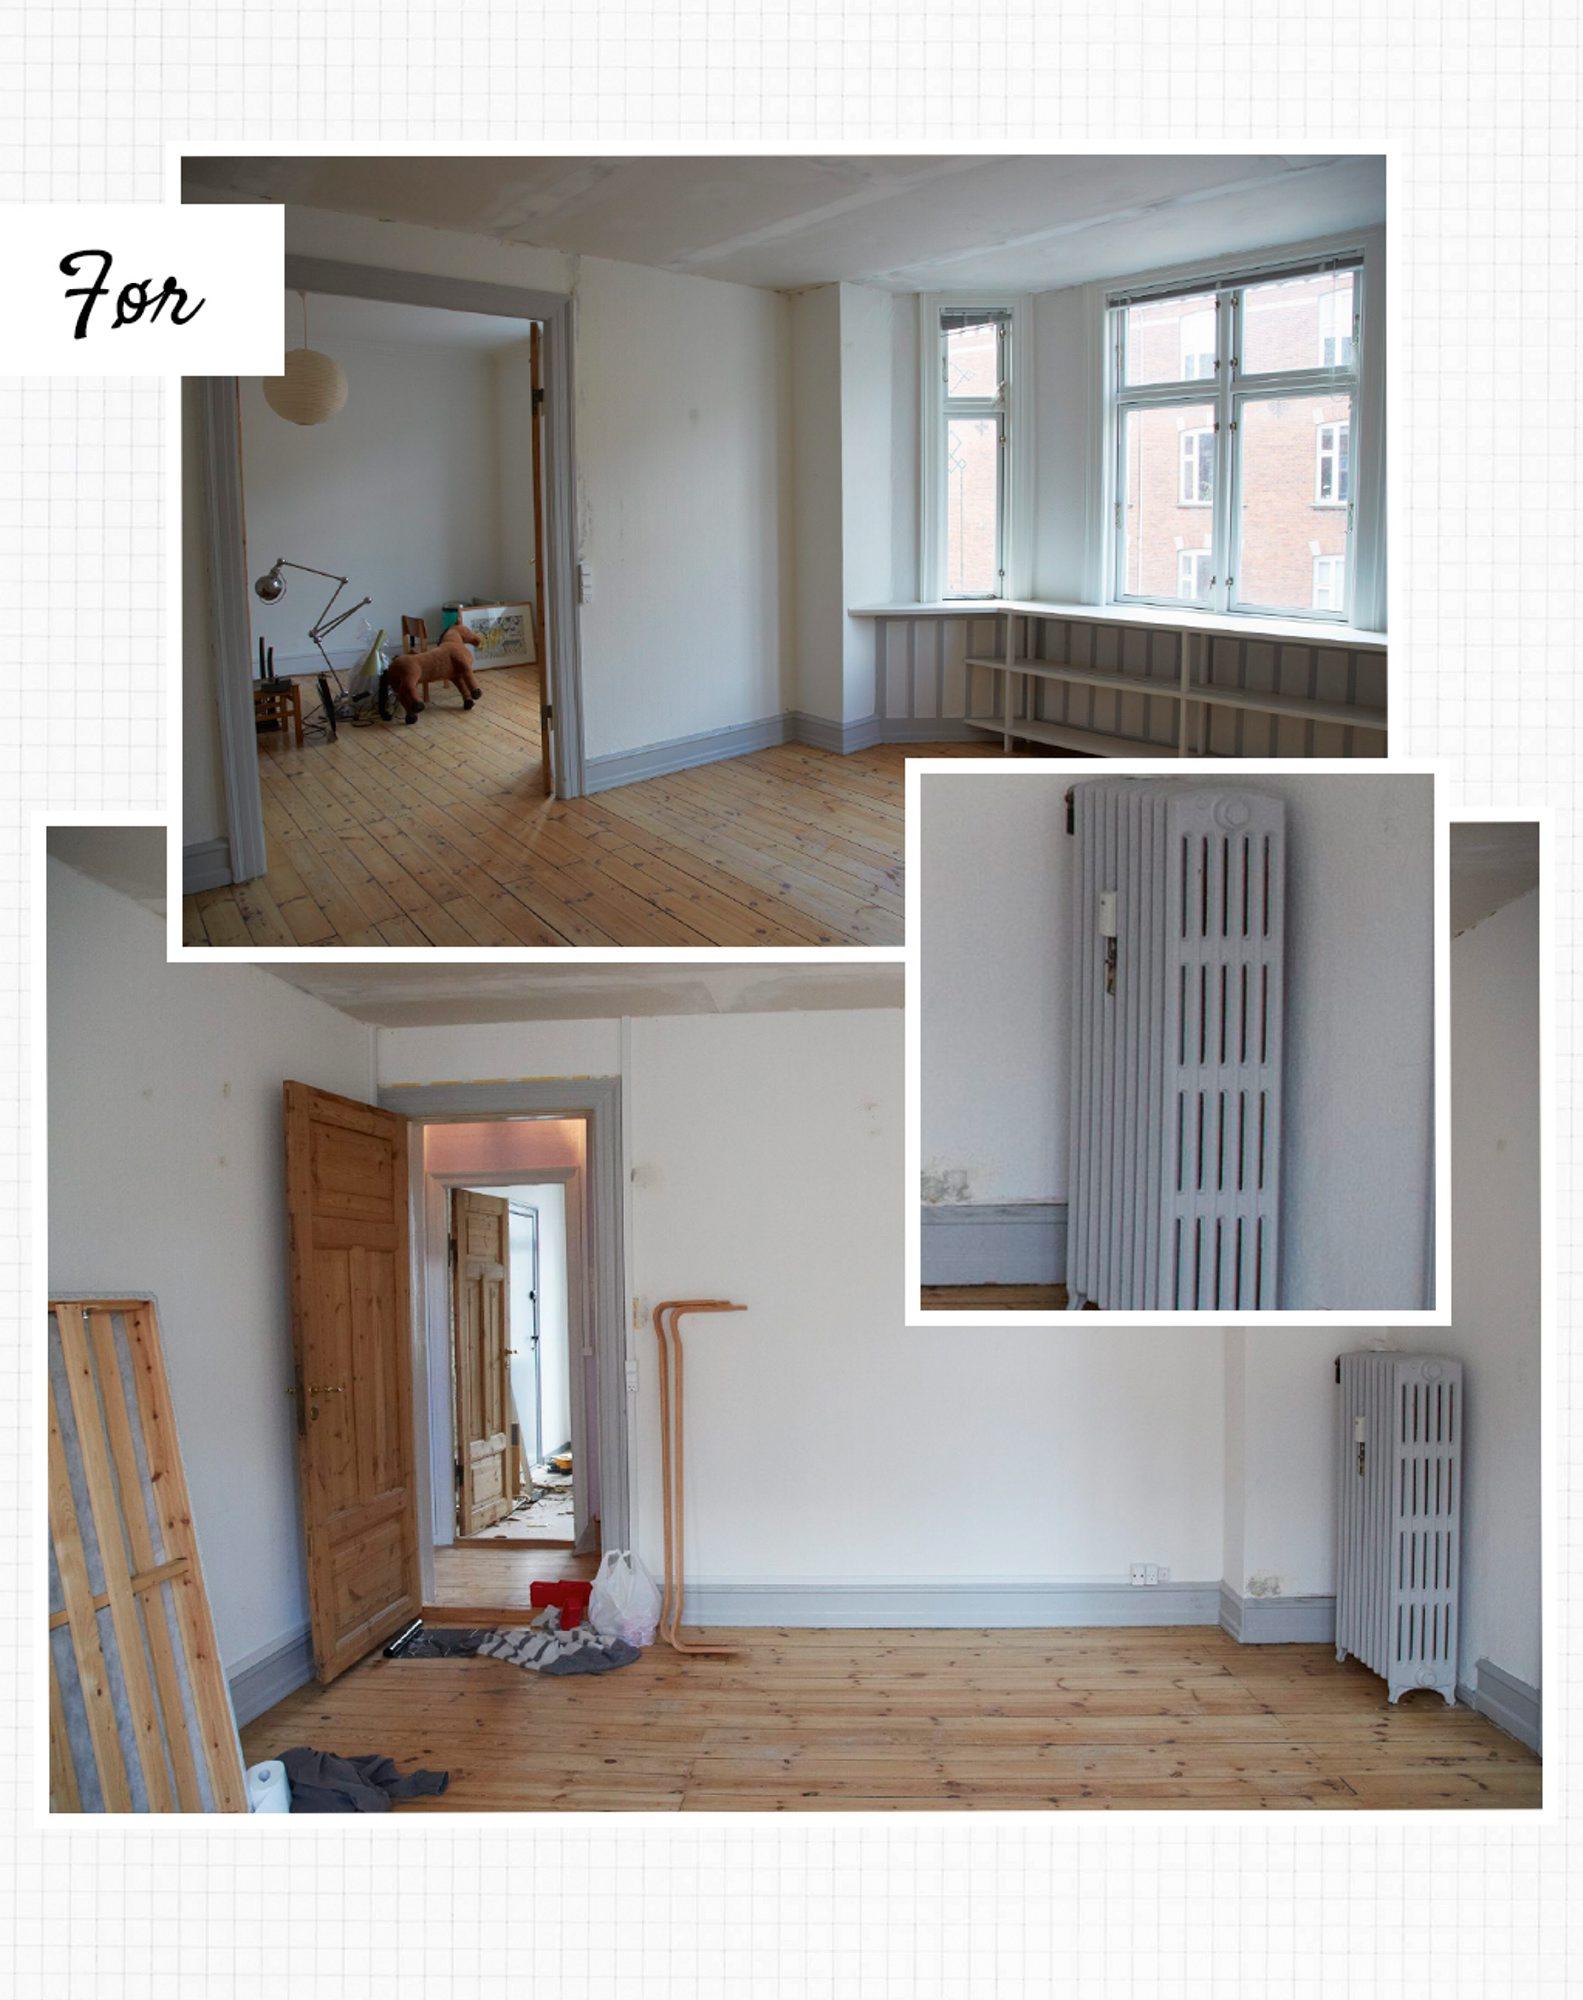 FØR: Gulvene var mørke og de grå gulvlistene var svært markante. Rommet manglet hyggefaktor. FOTO: Anitta Behrendt